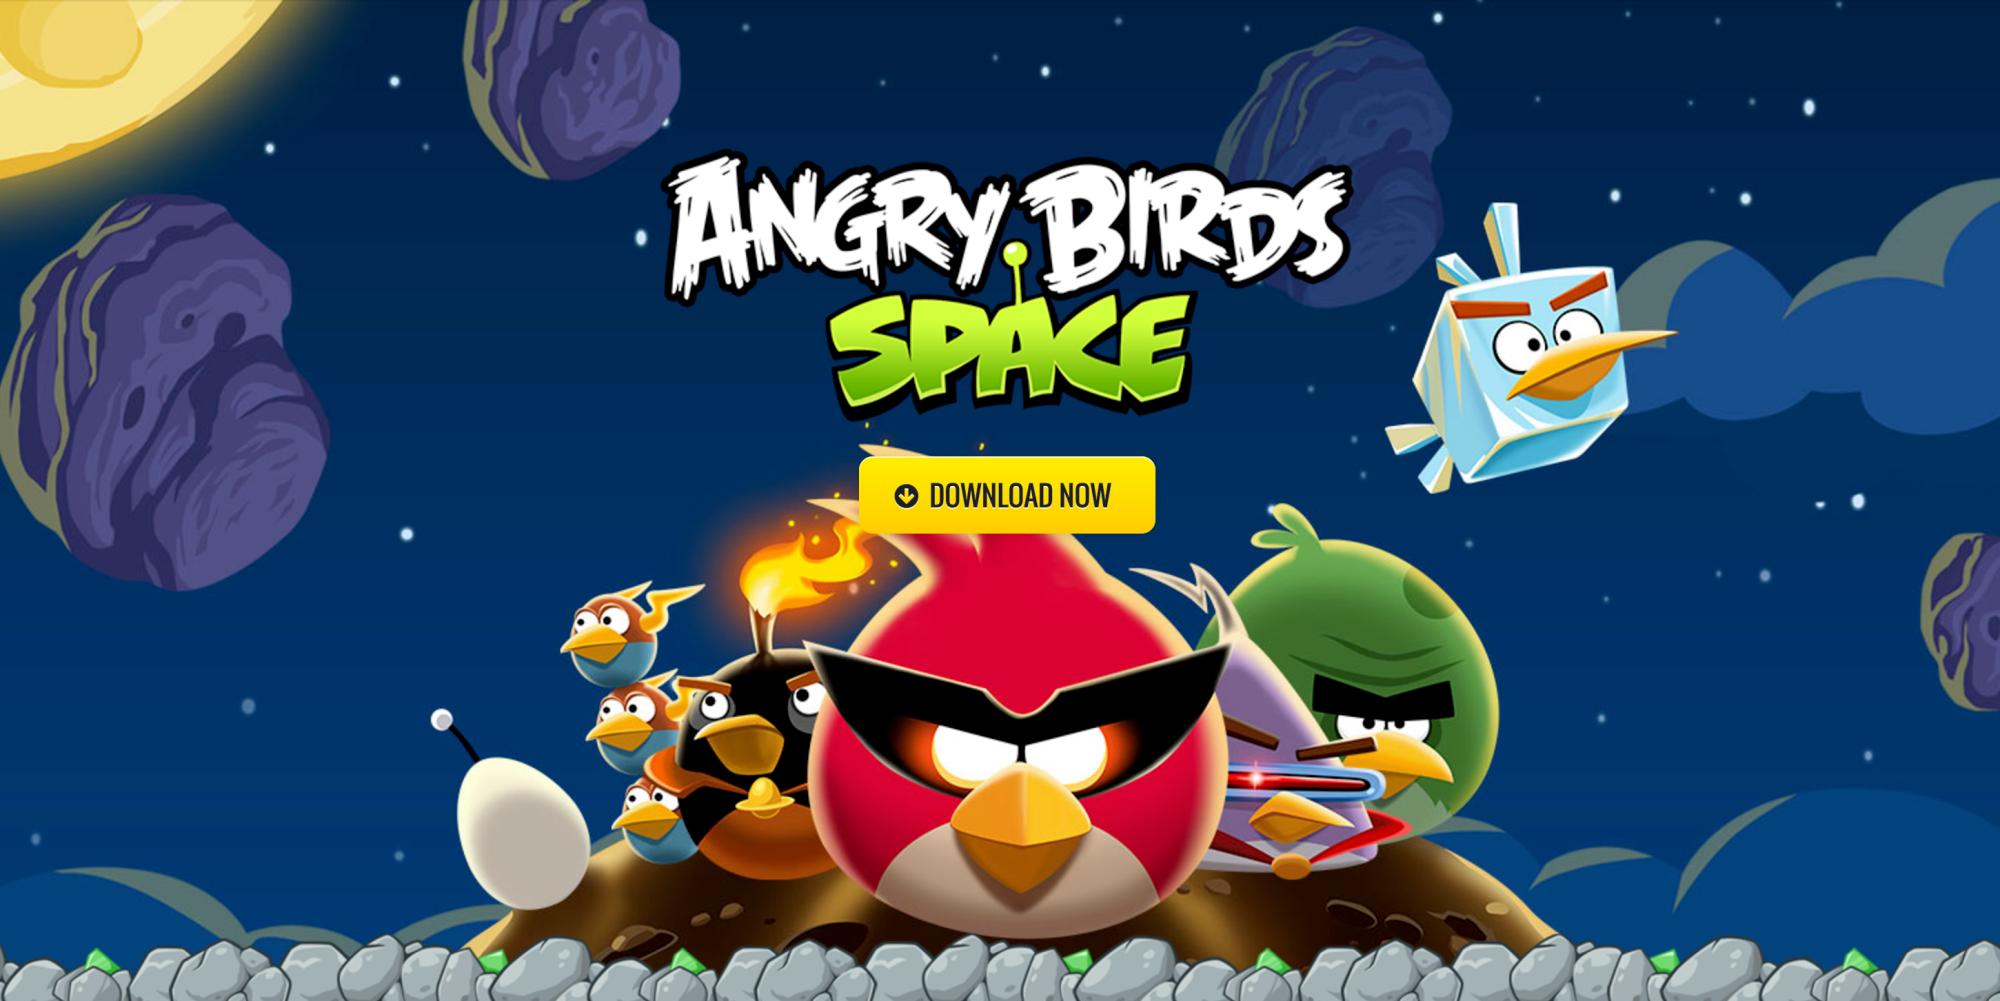 Miễn phí tải về Angry Bird Space cho iPhone, iPad